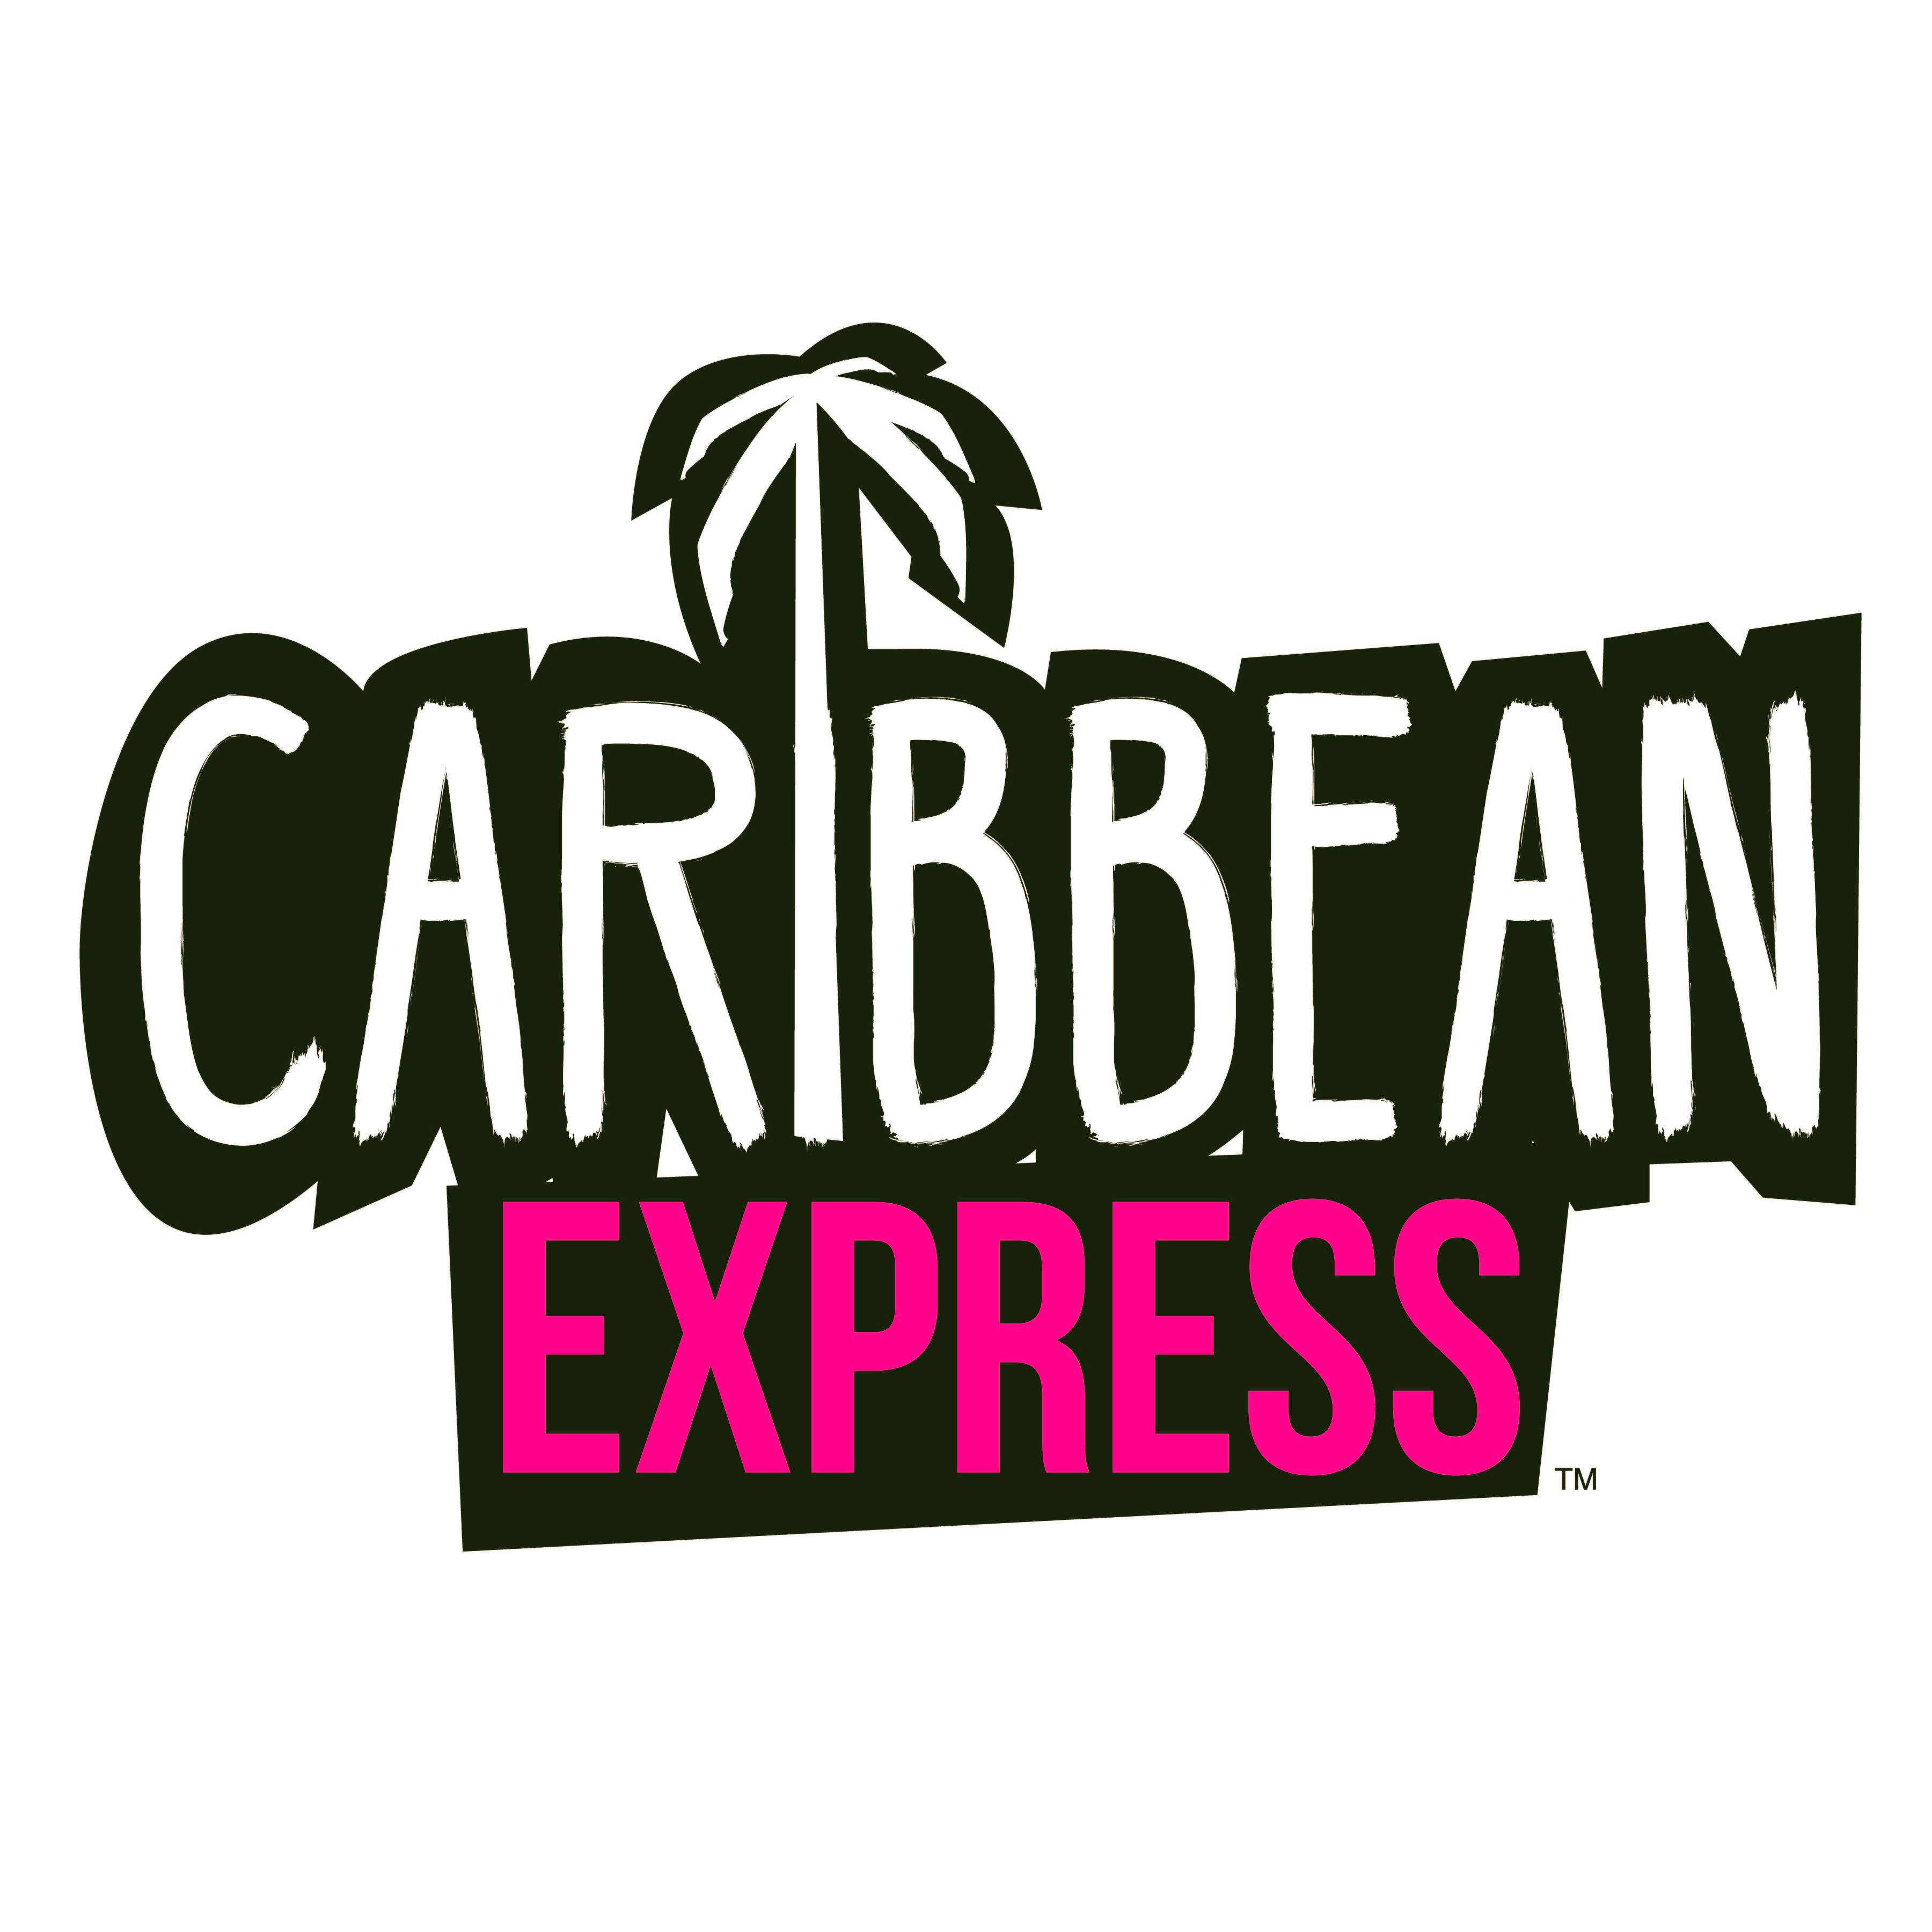 Caribbean Express